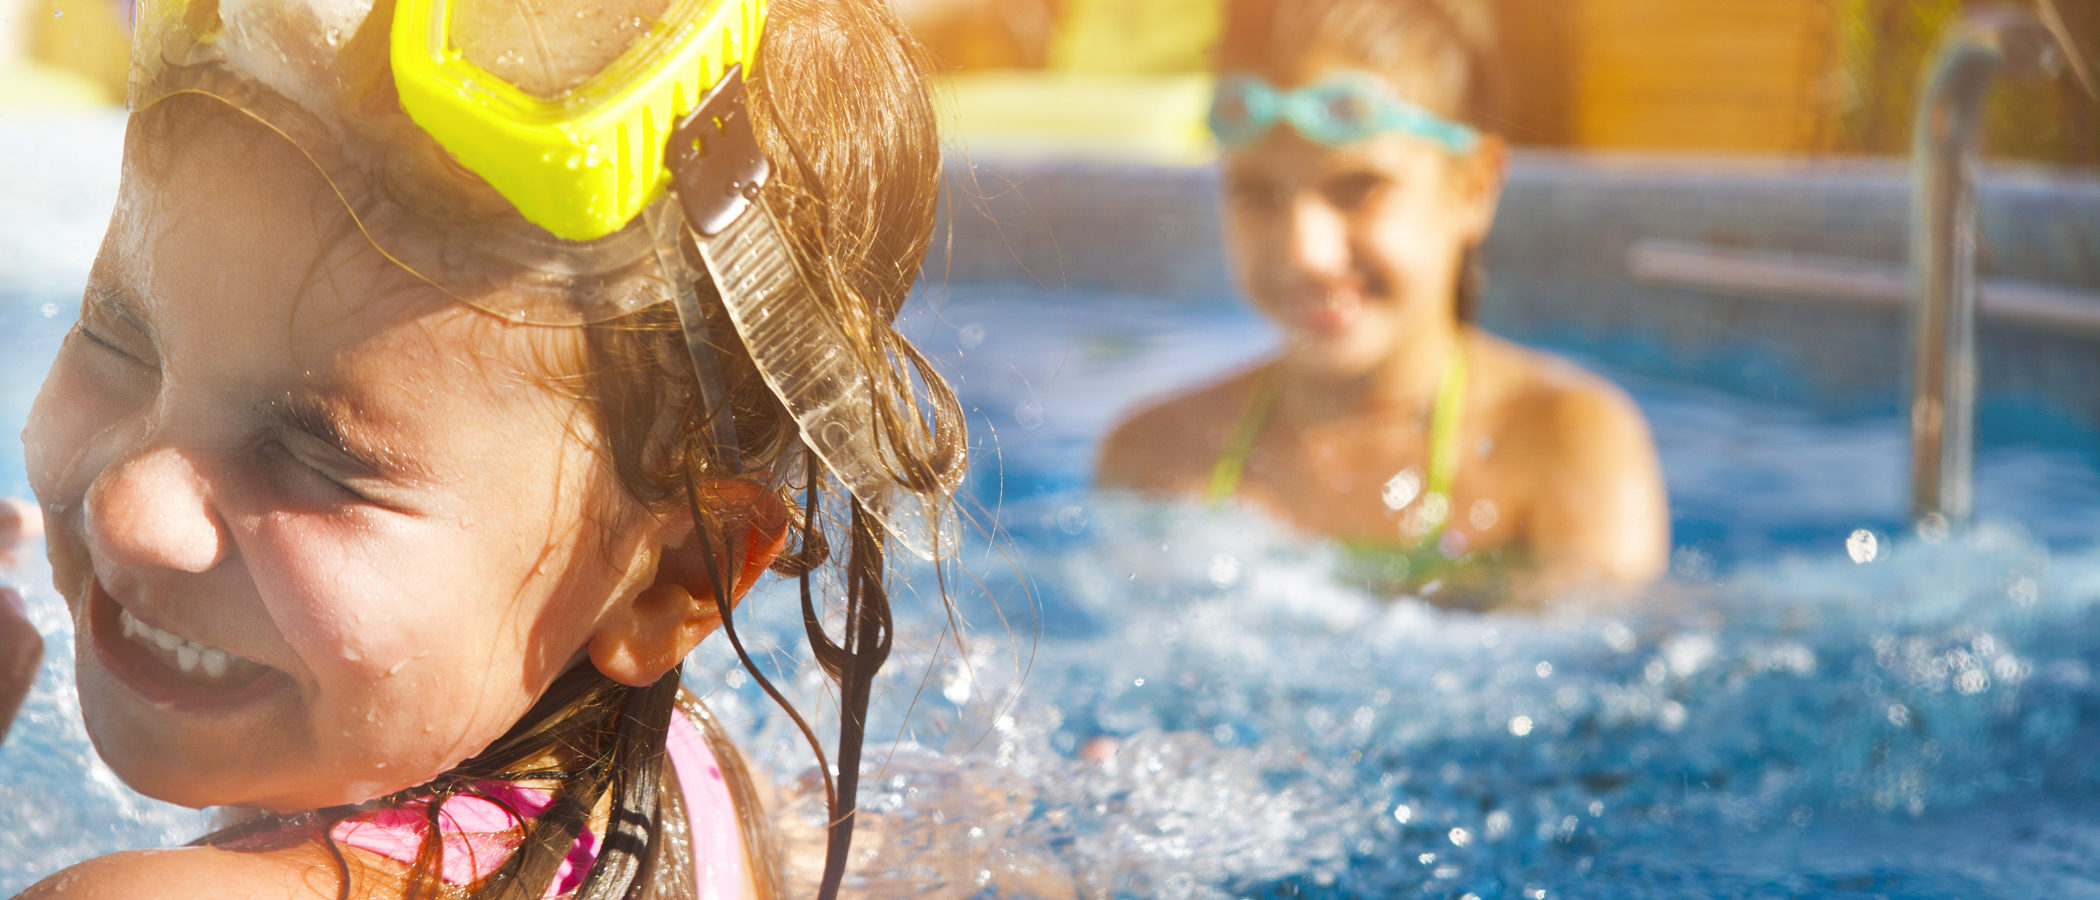 5 precauciones que debemos tener con los niños en las piscinas